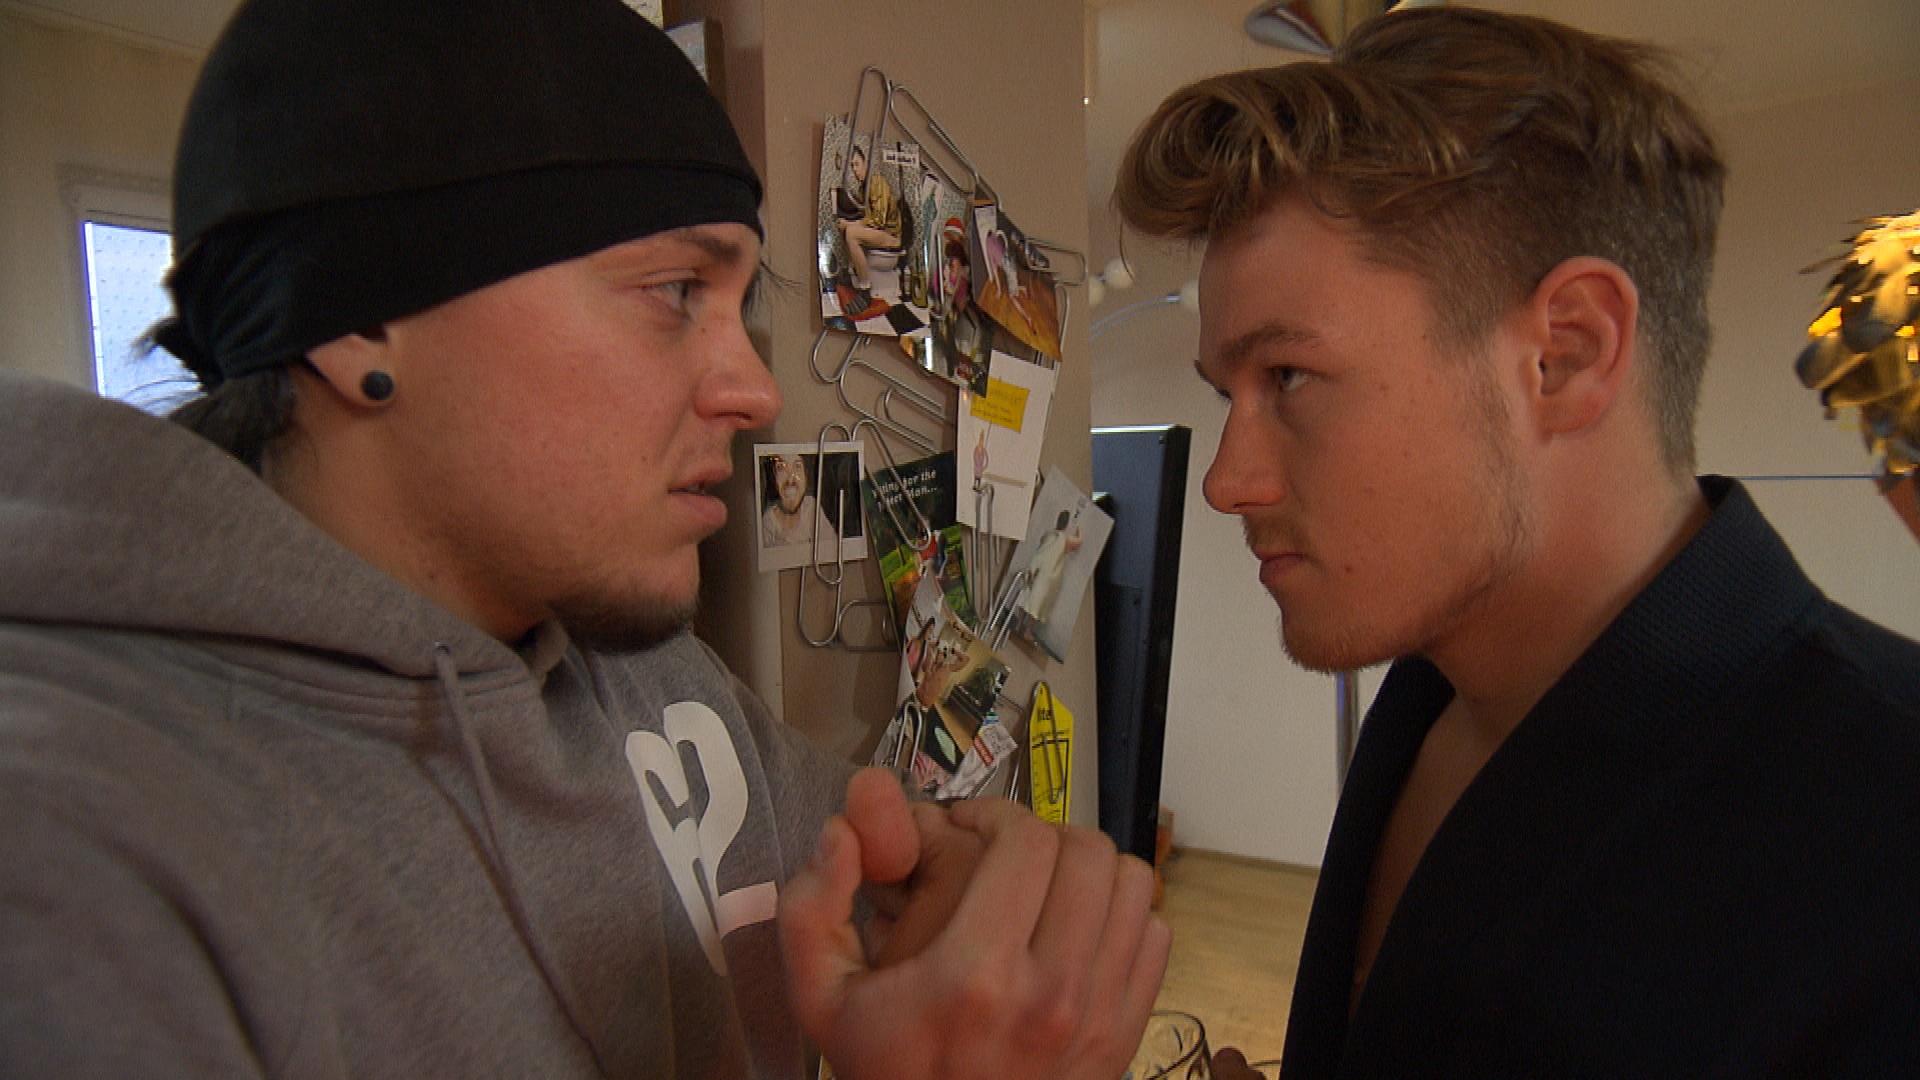 Valentin wird morgens bewusst, dass Chantal und Kevin ihn über Nacht in seinem Zimmer eingesperrt haben.. (Quelle: RTL 2)